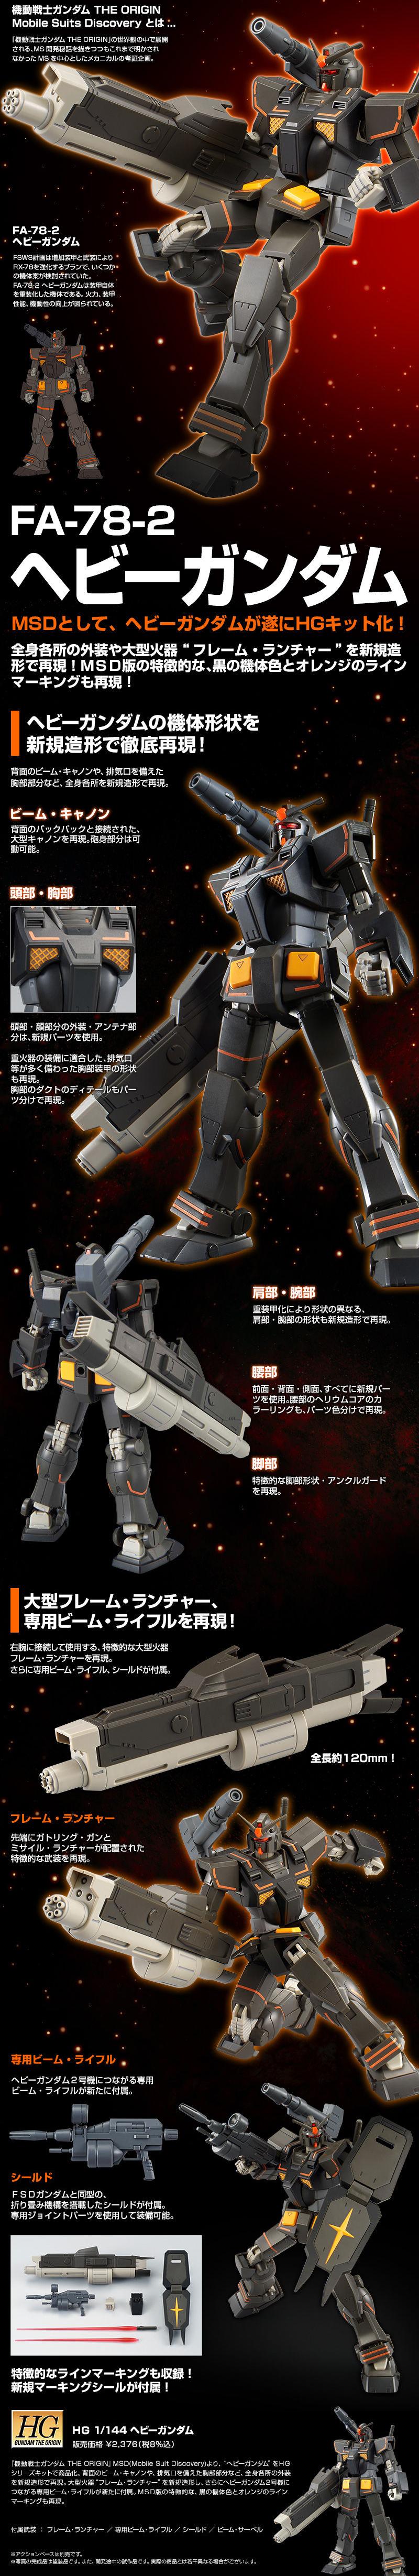 HG 1/144 FA-78-2 ヘビーガンダム [Heavy Gundam] 公式商品説明(画像)